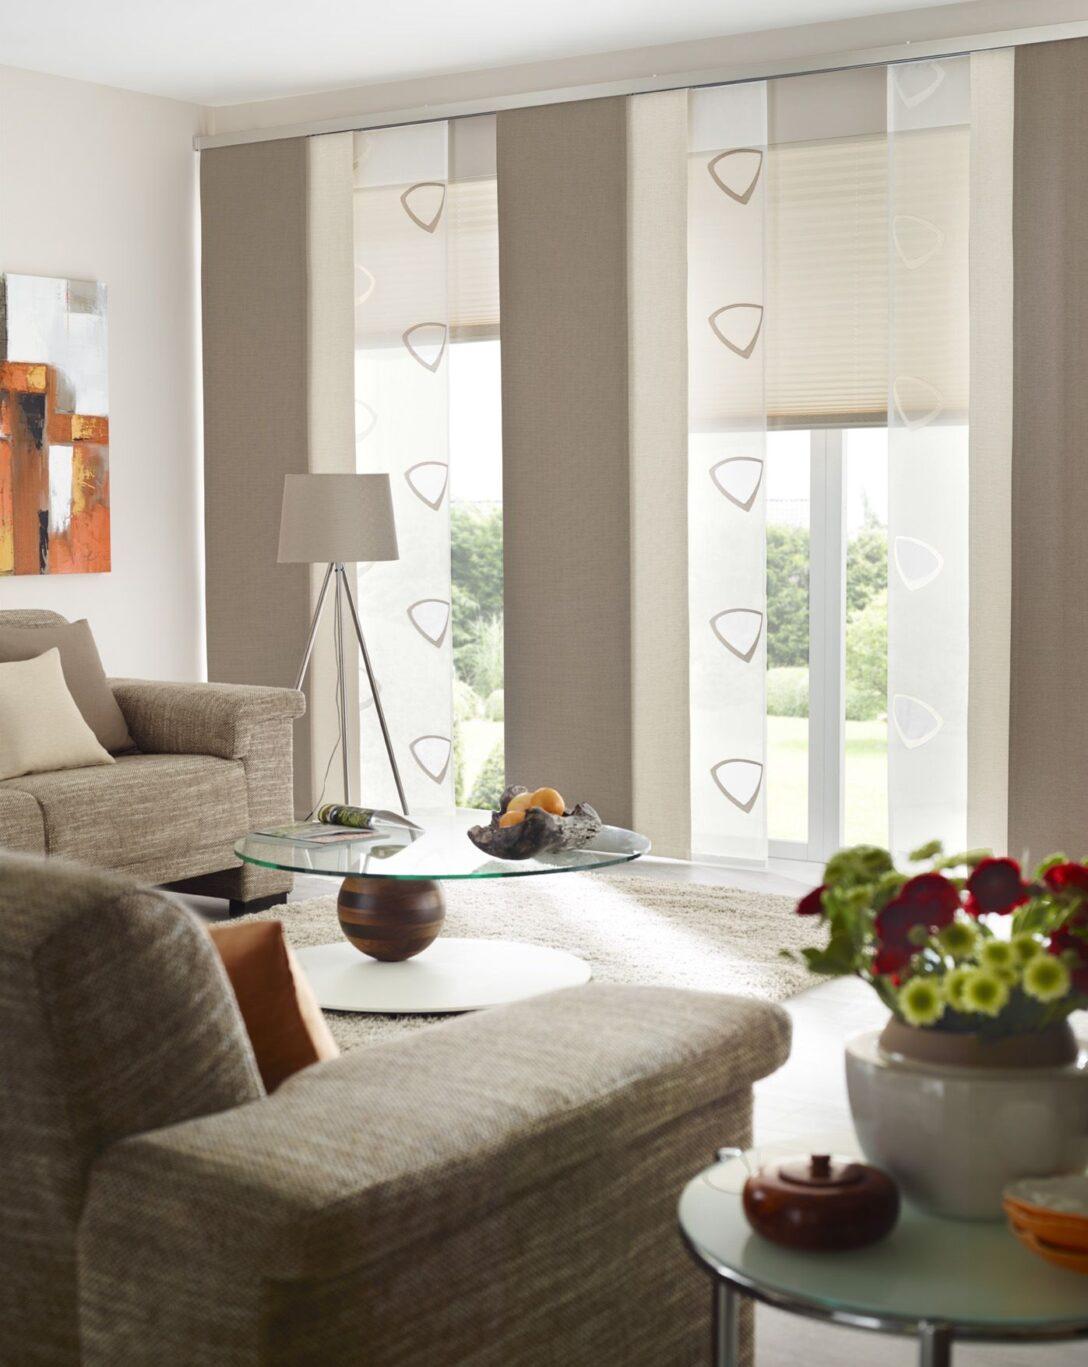 Large Size of Modern Gardinen Fenster Urbansteel Deckenleuchte Schlafzimmer Für Die Küche Wohnzimmer Moderne Duschen Modernes Bett Deckenlampen Tapete Weiss Wohnzimmer Modern Gardinen